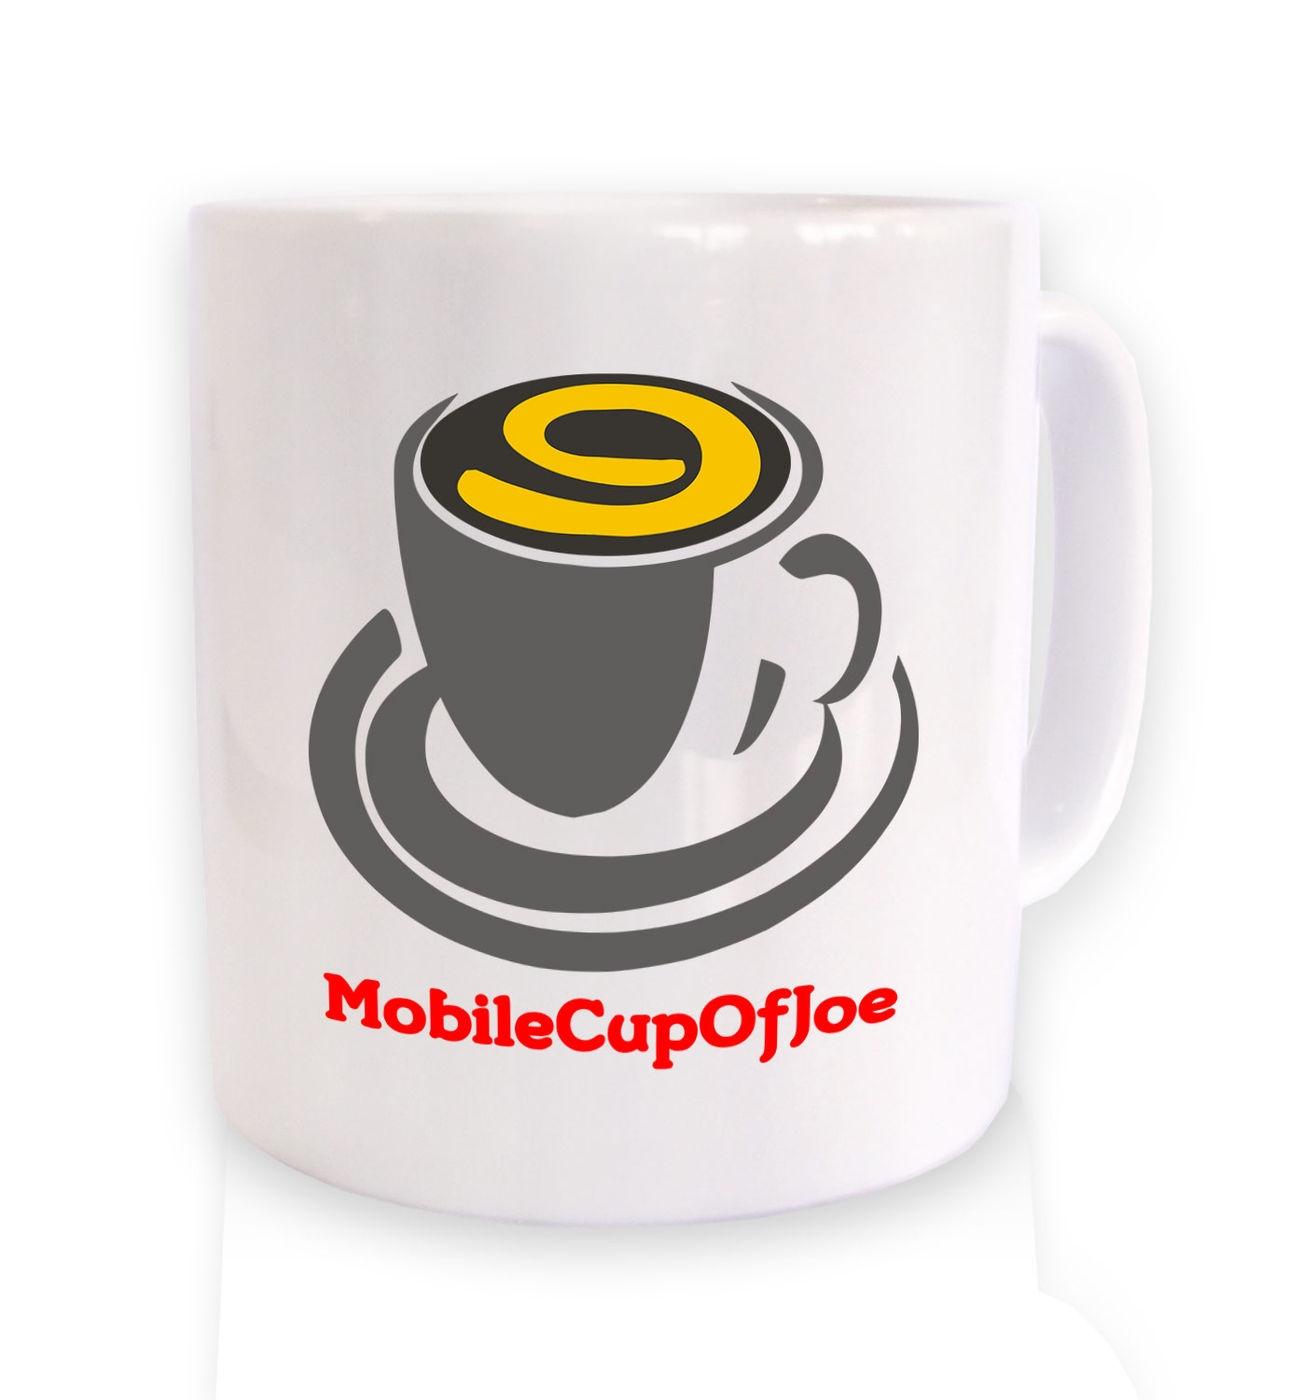 MobileCupOfJoe coffee mug